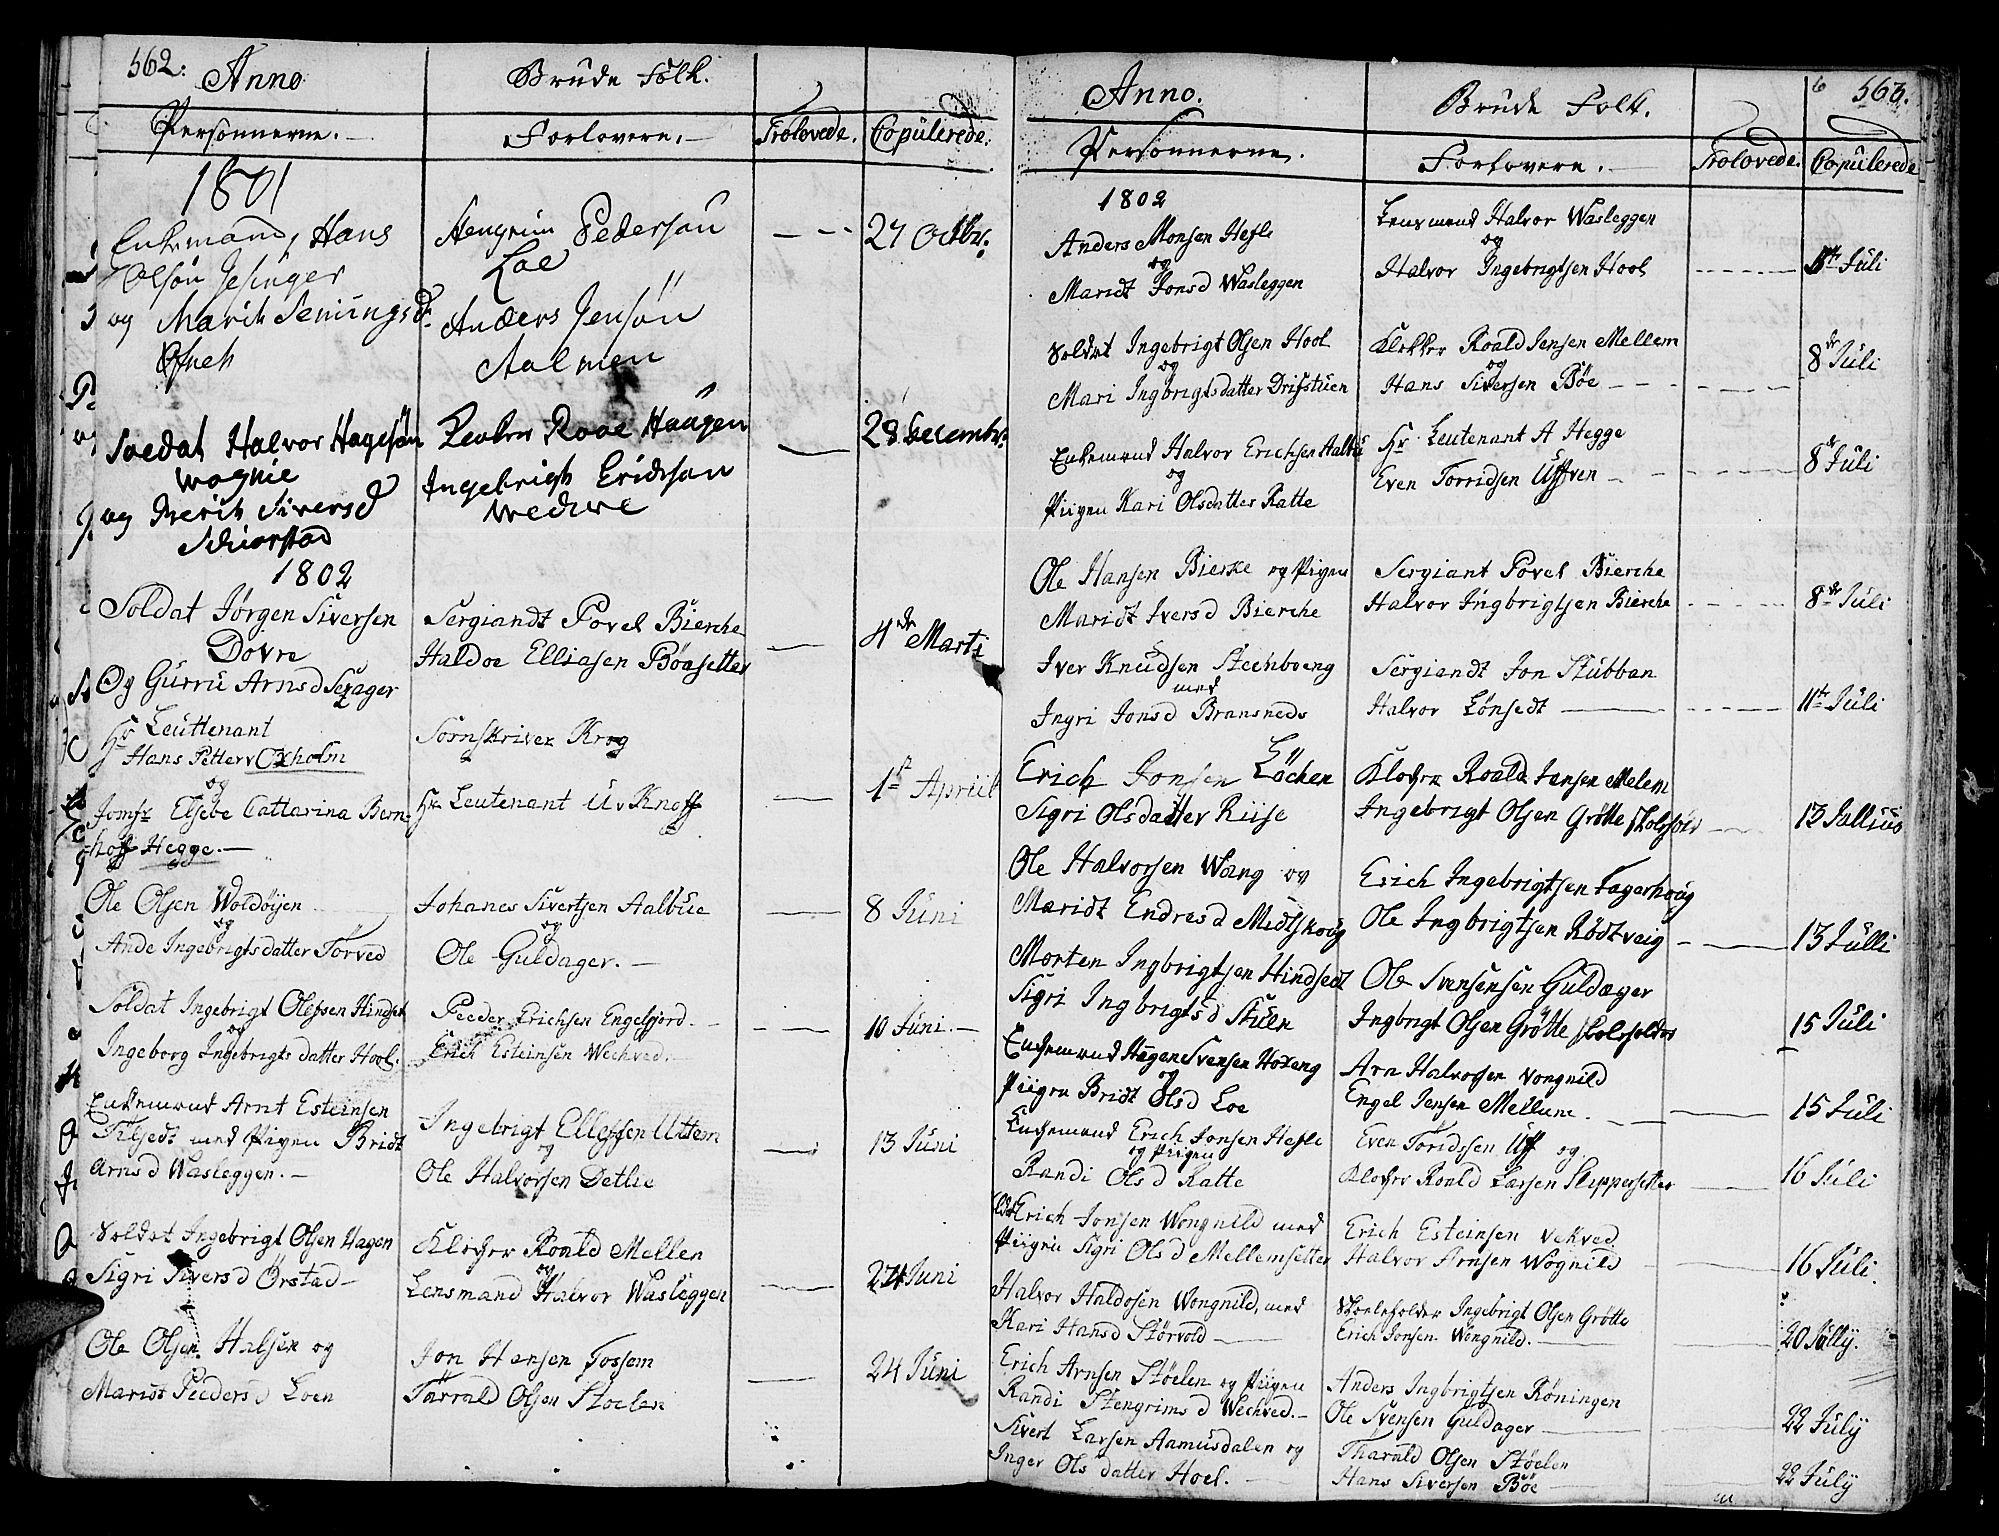 SAT, Ministerialprotokoller, klokkerbøker og fødselsregistre - Sør-Trøndelag, 678/L0893: Ministerialbok nr. 678A03, 1792-1805, s. 562-563